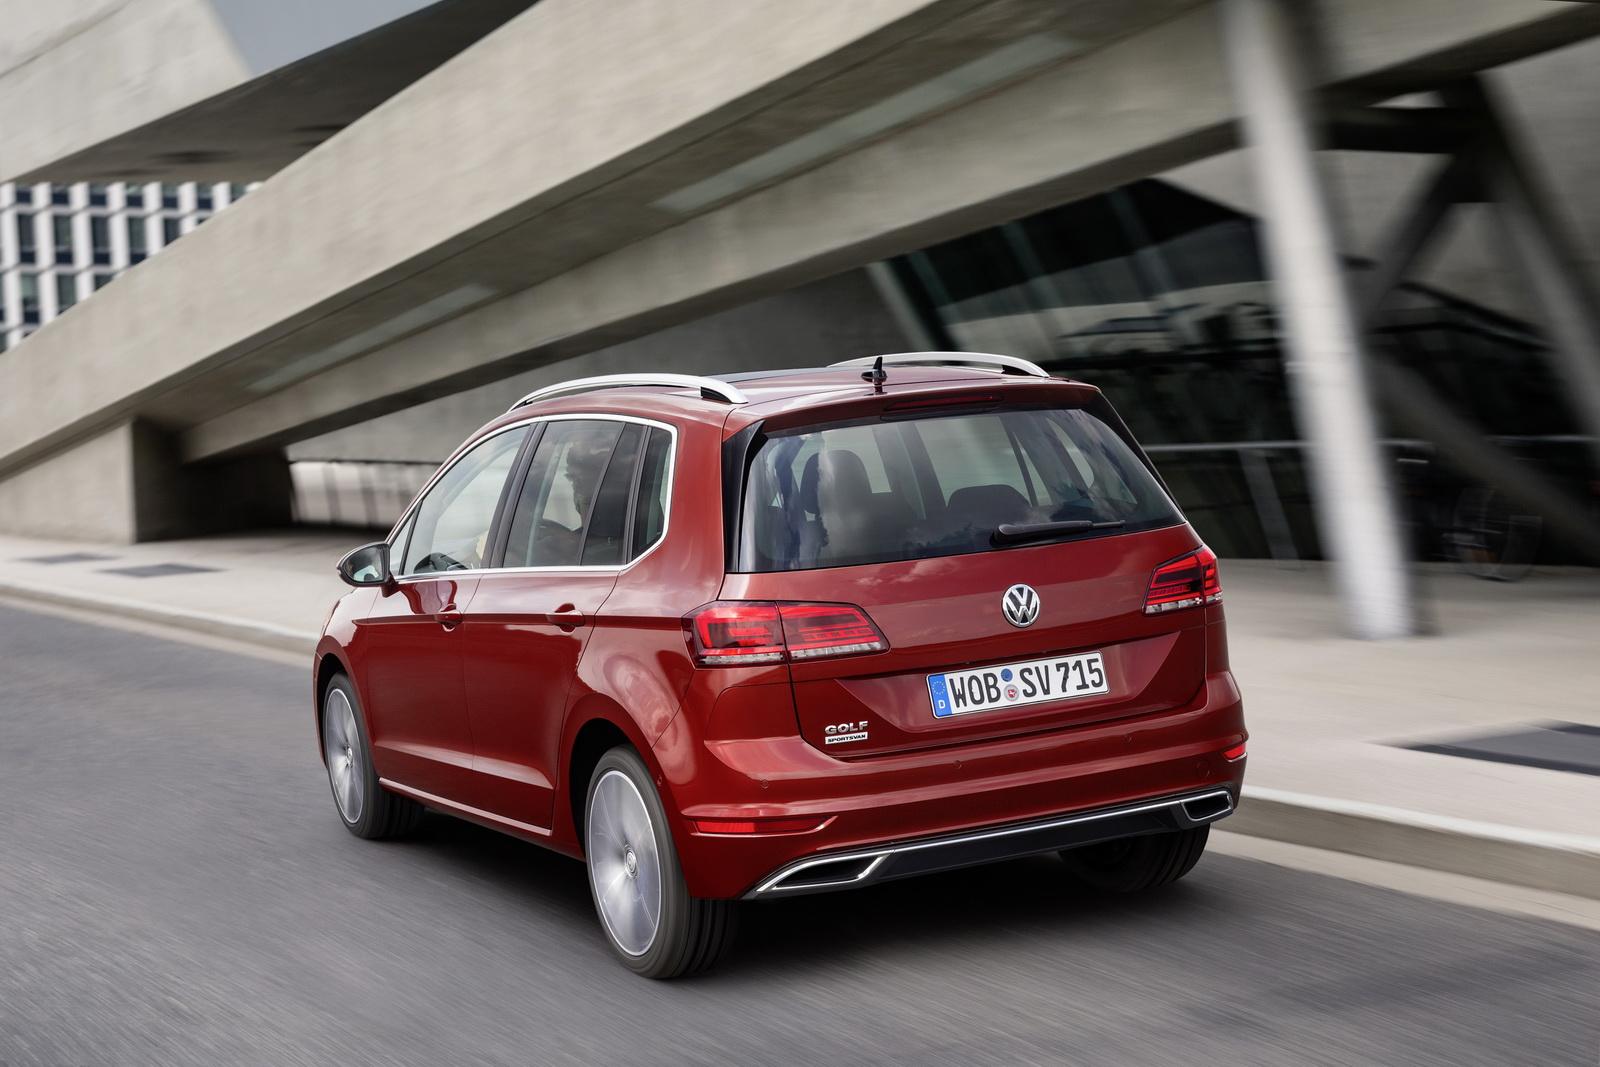 2018_Volkswagen_Golf_Sportsvan_facelift_09